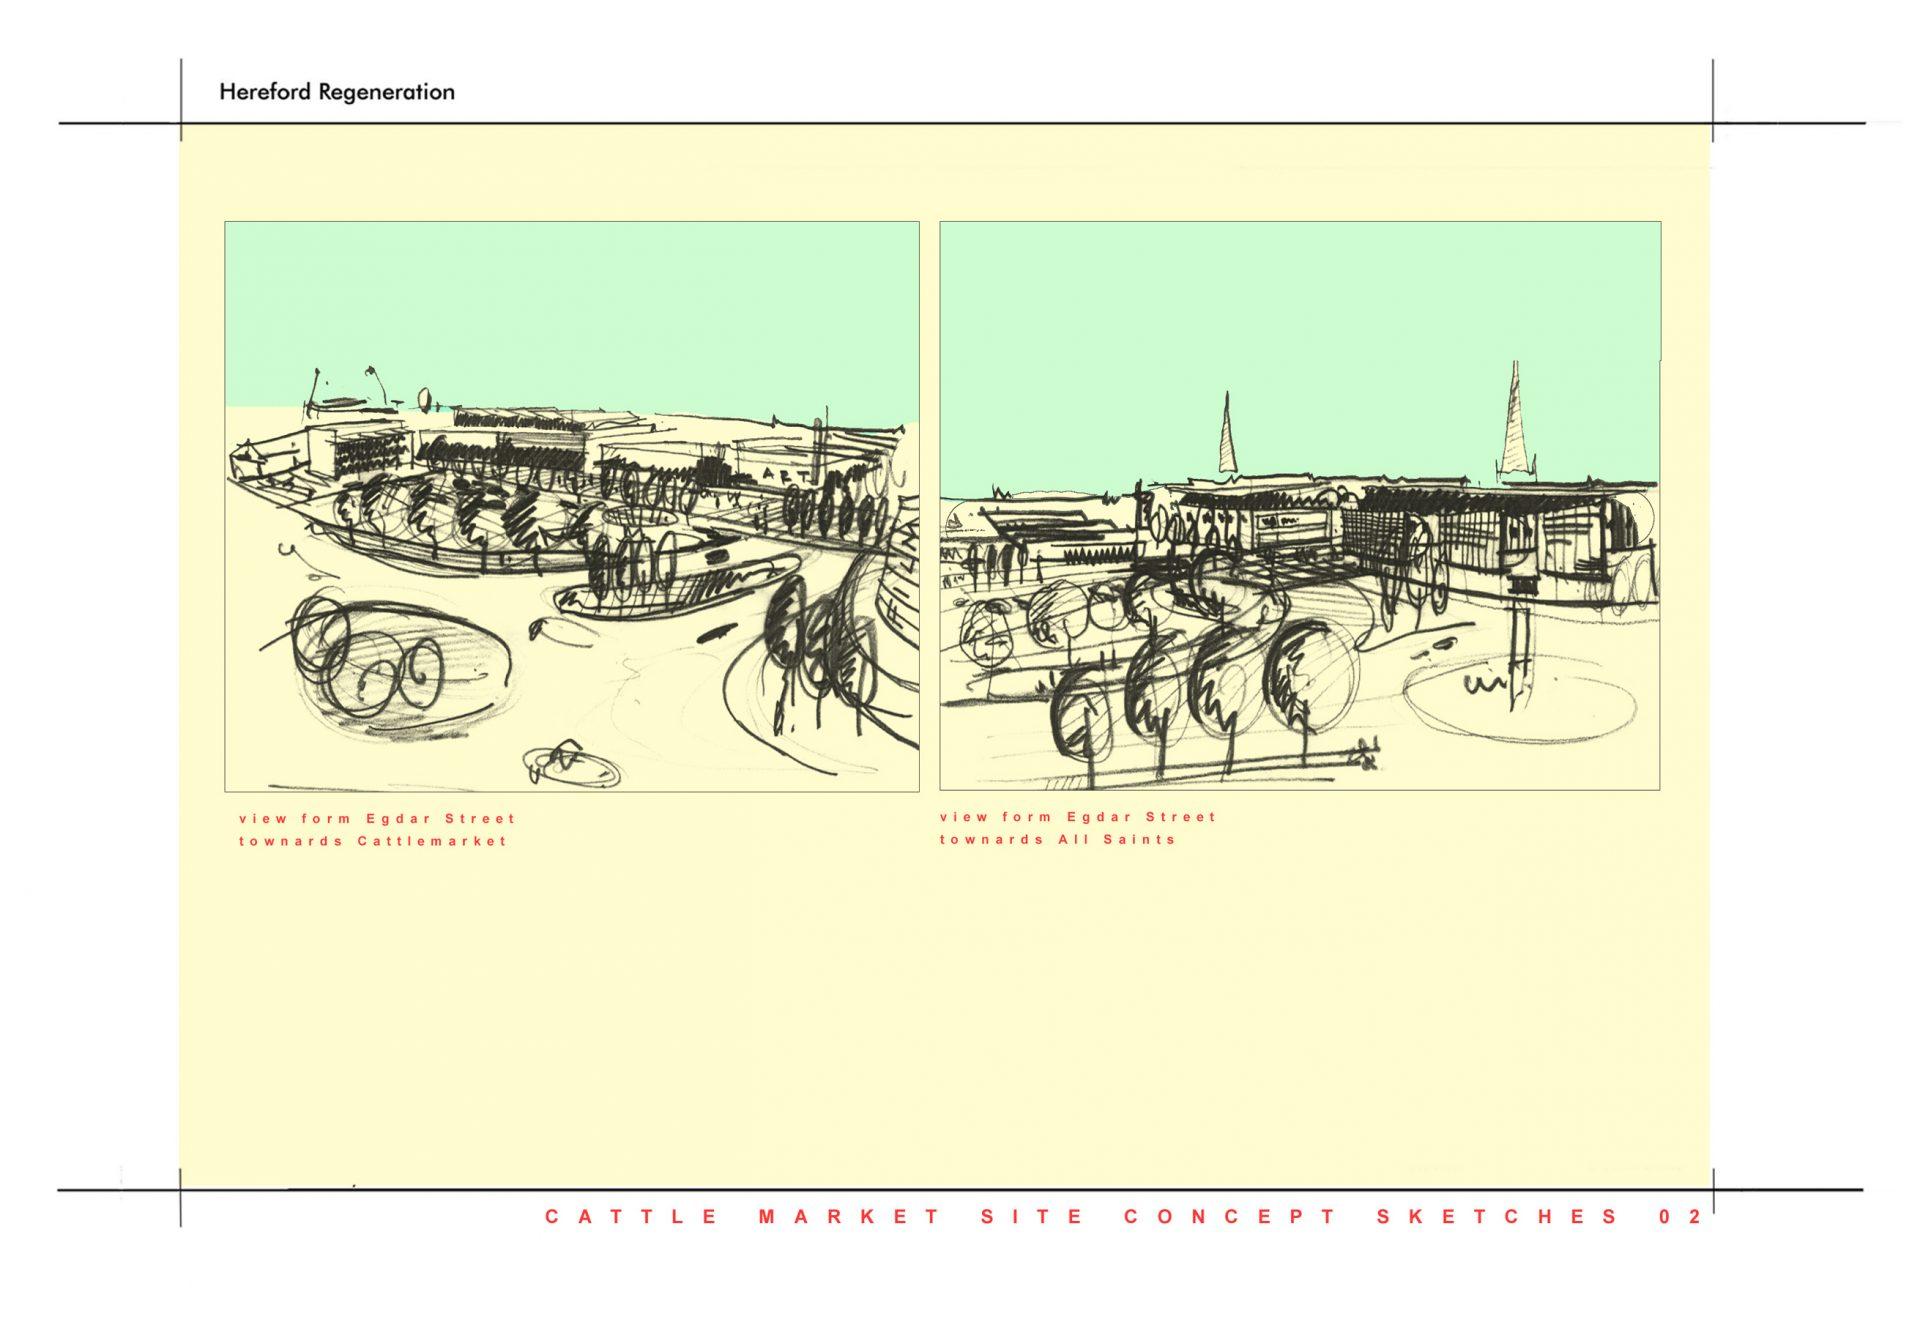 Hereford Edgar Street Grid Sketch Views 20:20 Vision